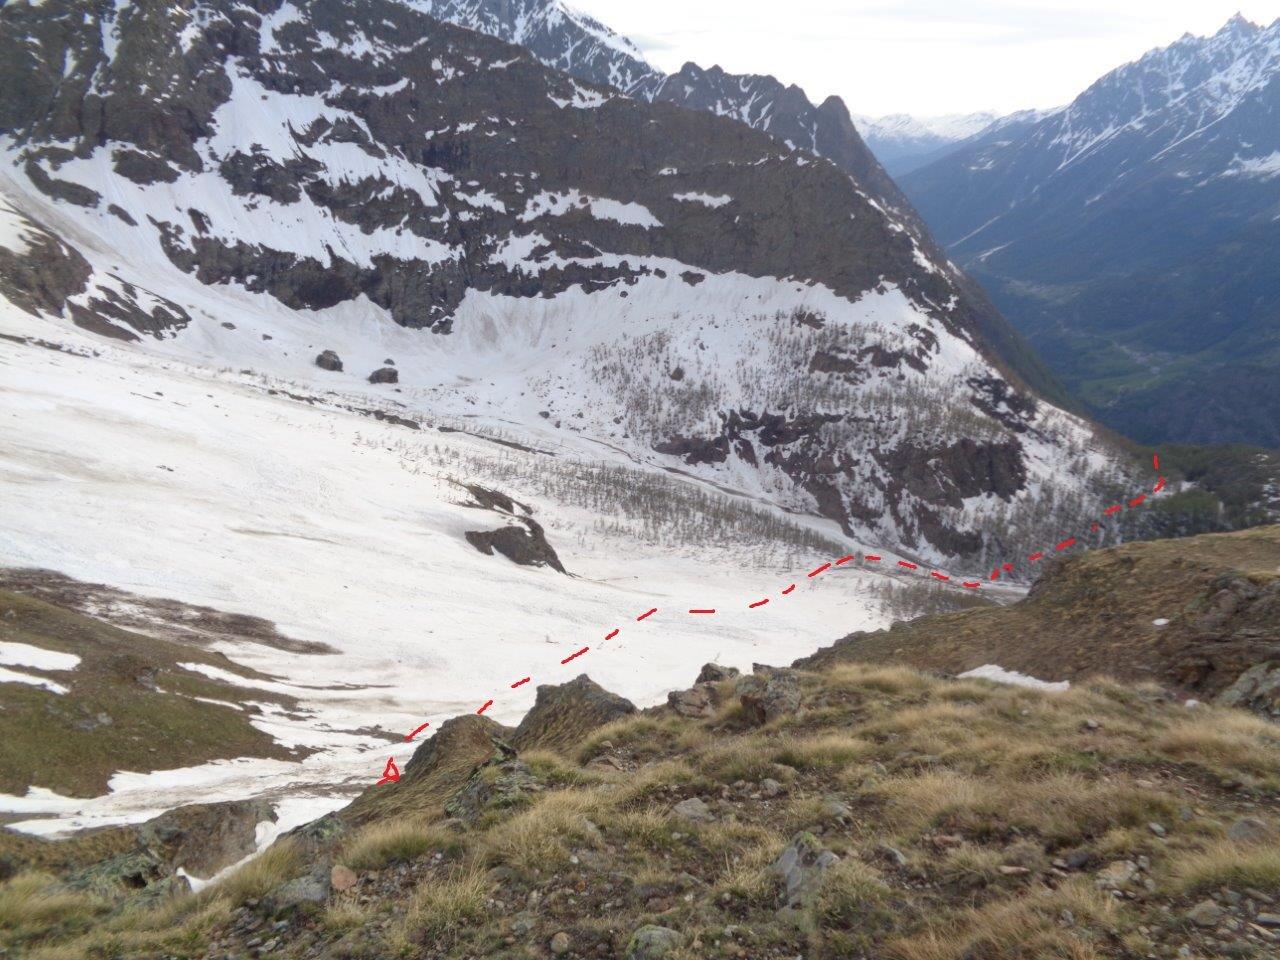 vista del percorso di salita da 2150 m in su (scattata poco prima di arrivare al bivacco)